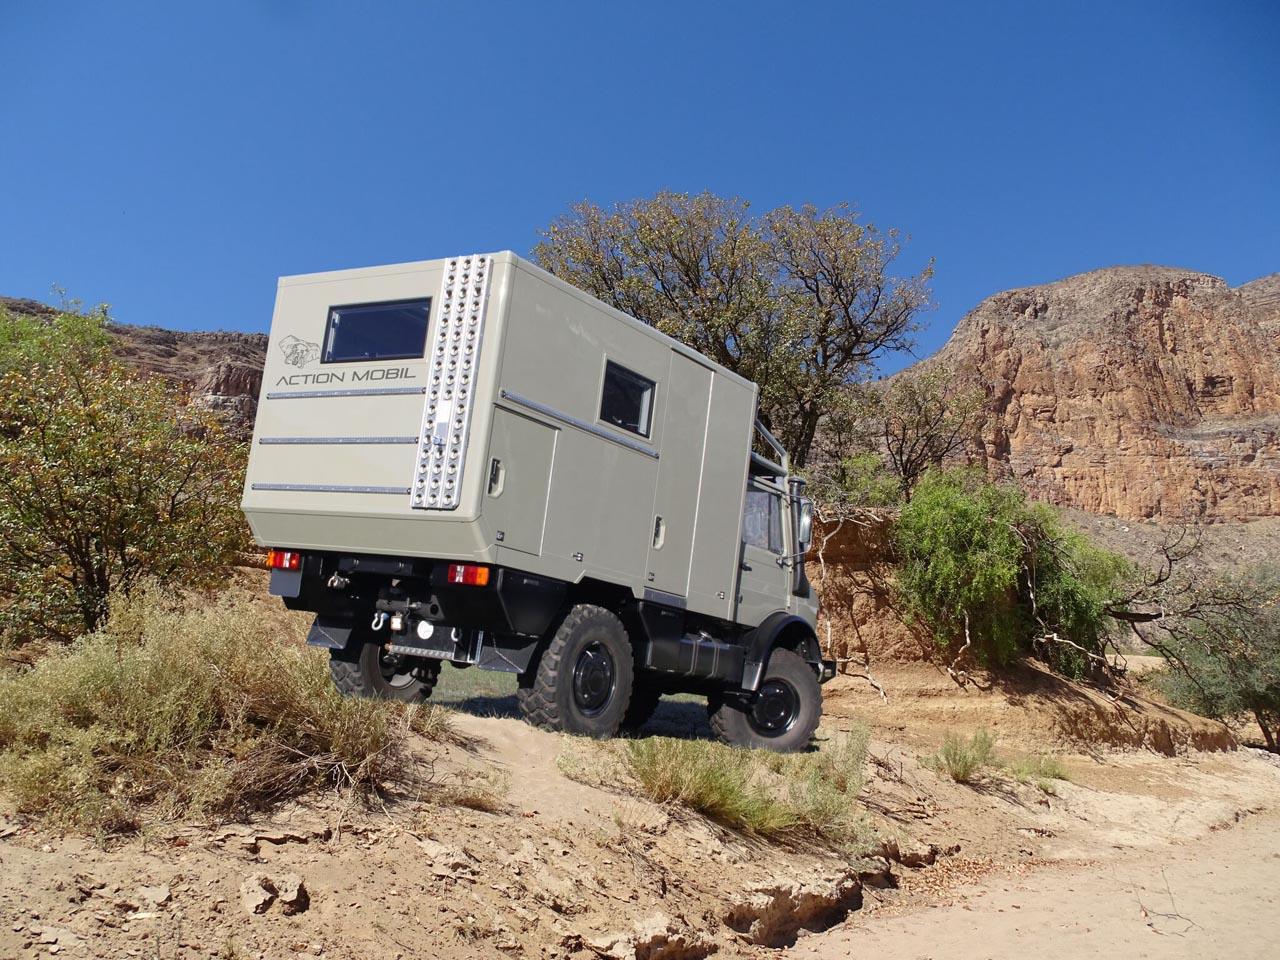 Geh doch in die Wüste! Das Expeditionsmobil Temet 3600